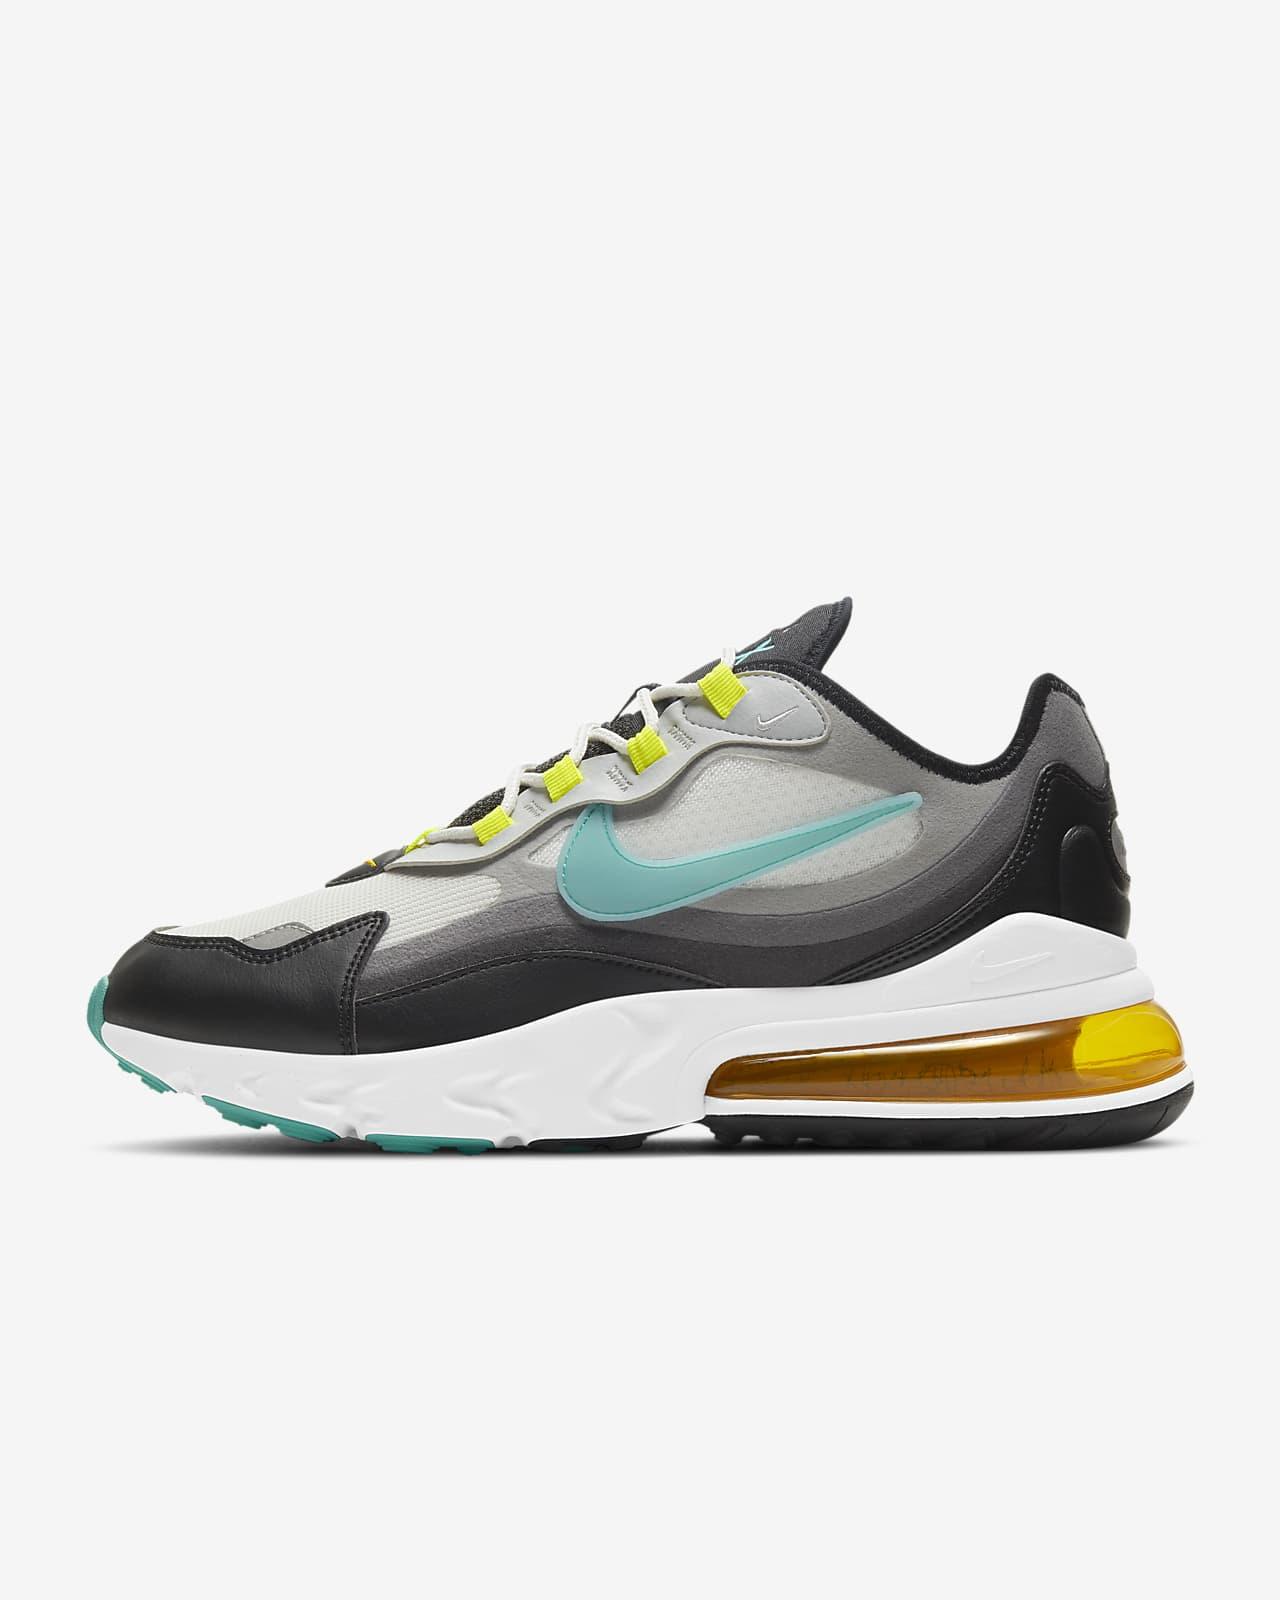 รองเท้าผู้ชาย Nike Air Max 270 React EOI